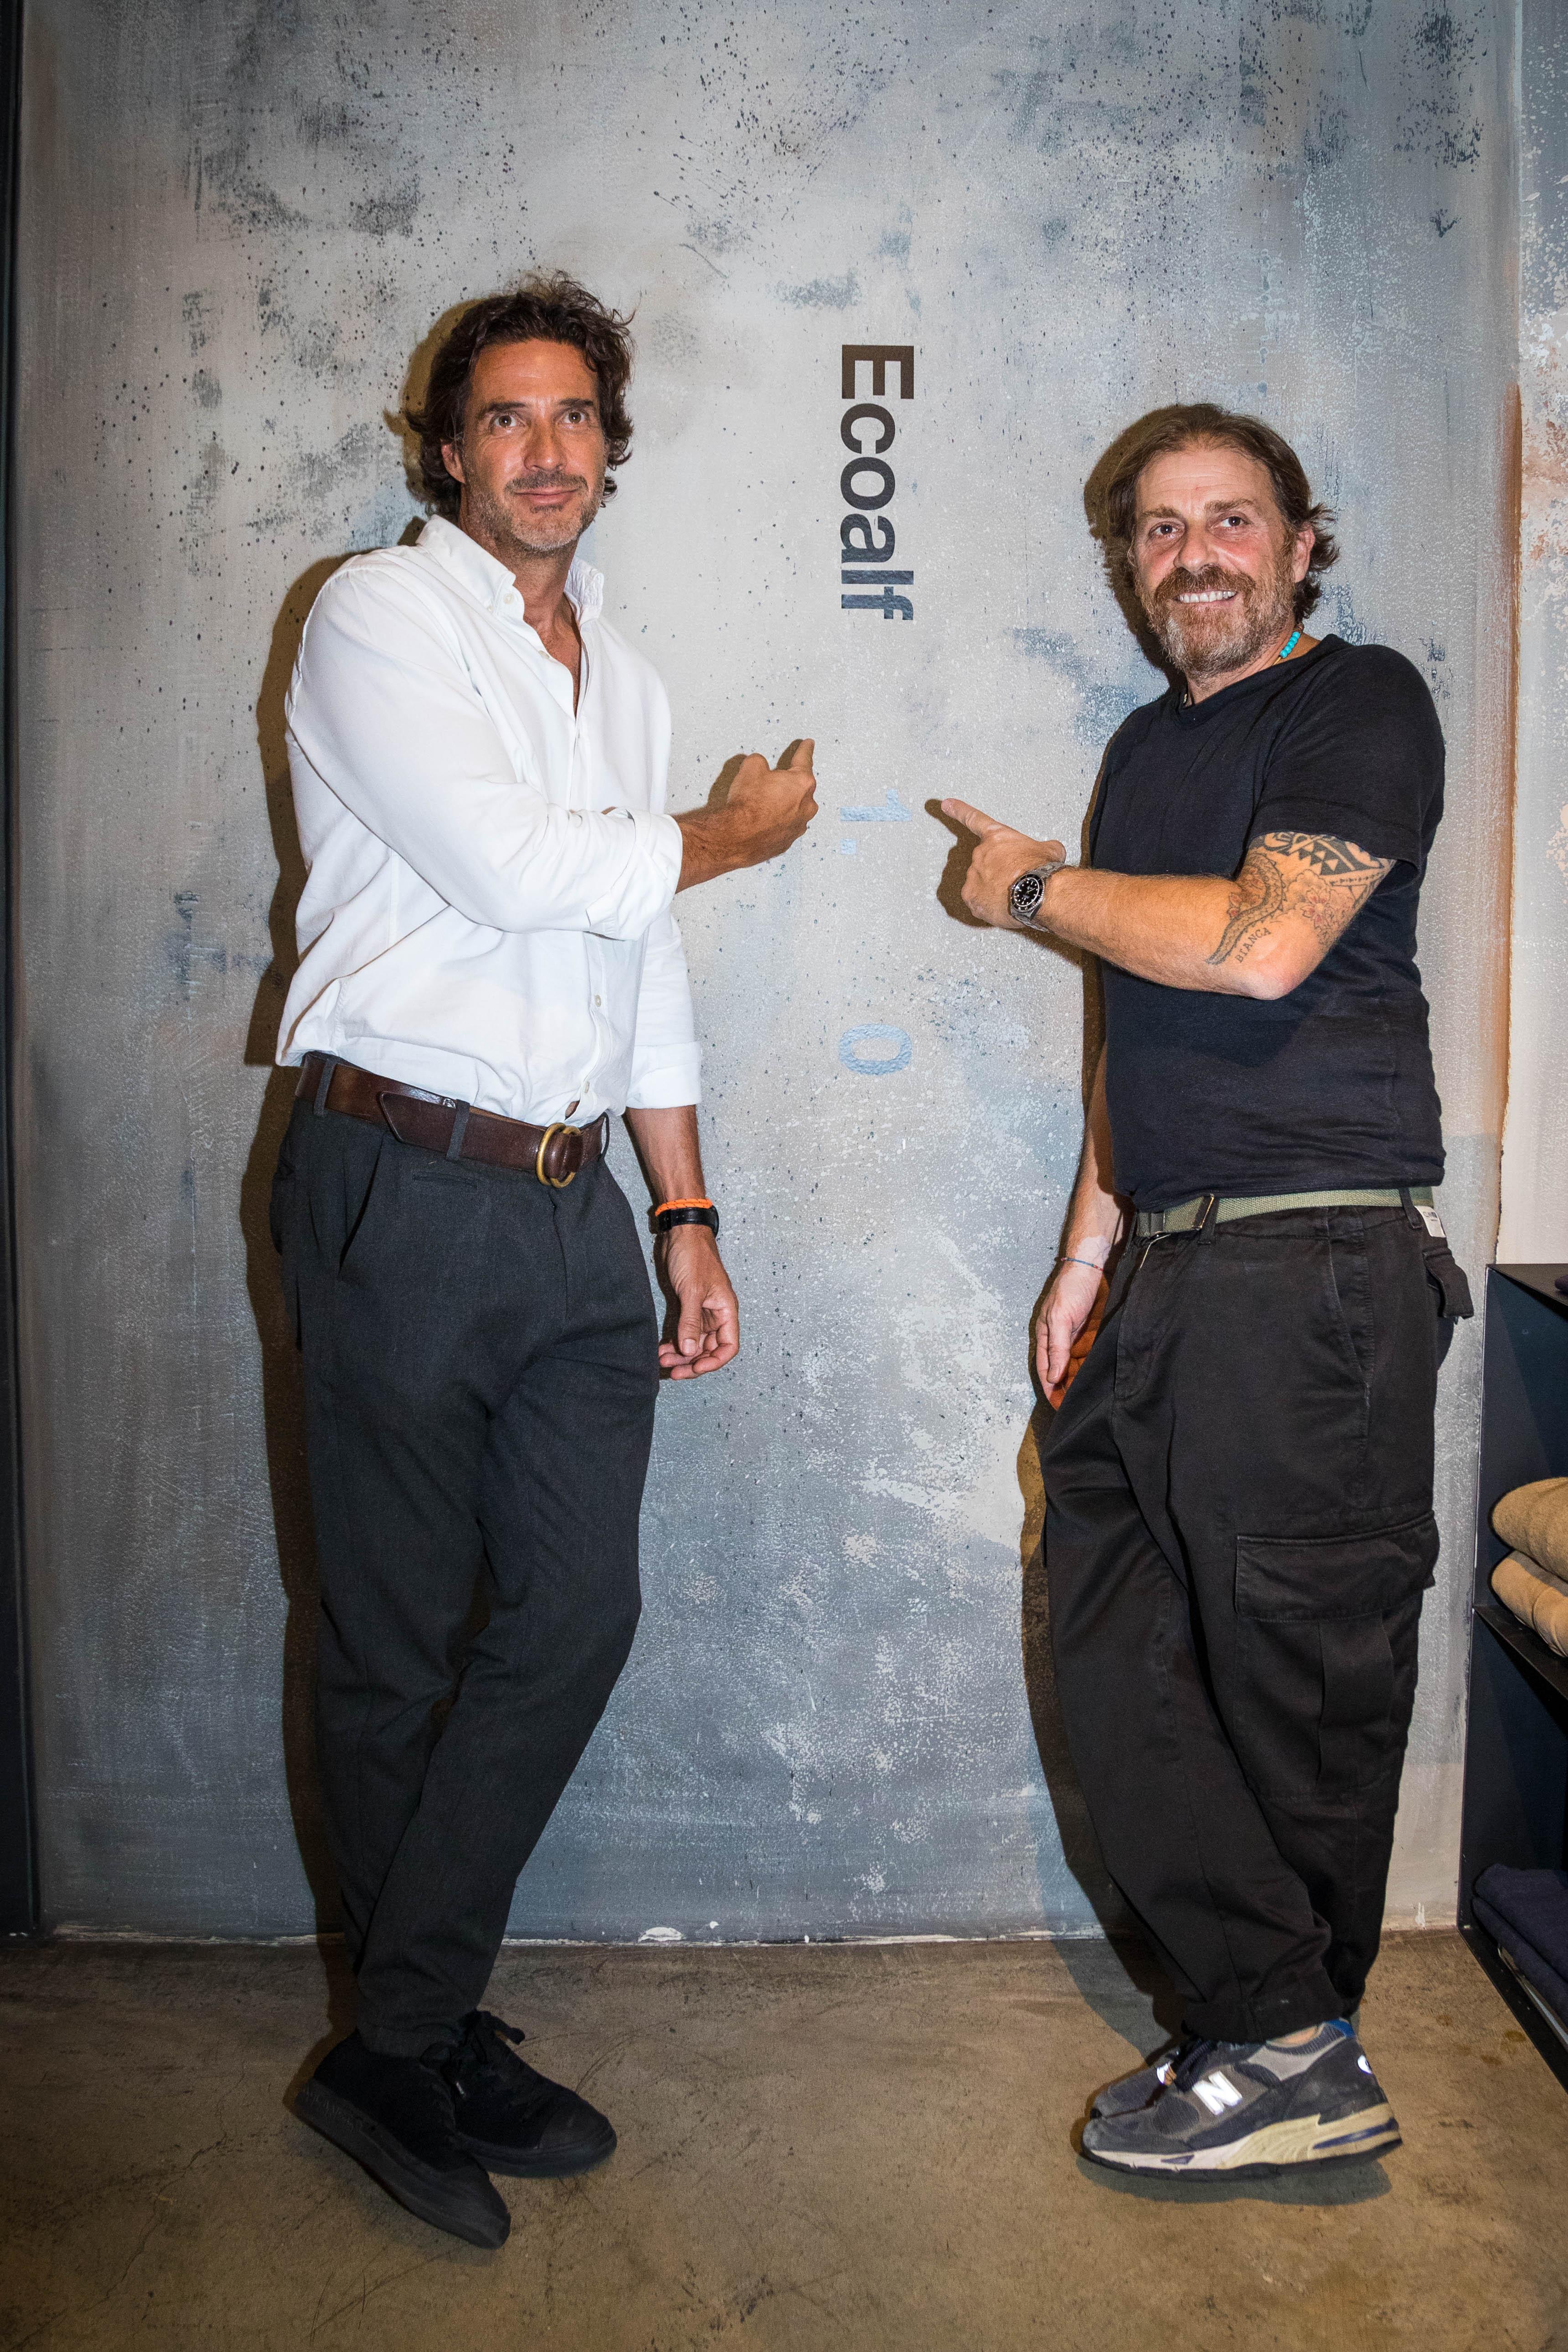 IMG_3431 Javier Goyeneche e Fabio Bisogno_16.09.2021_Clan Upstairs meets Ecoalf 1.0.jpg